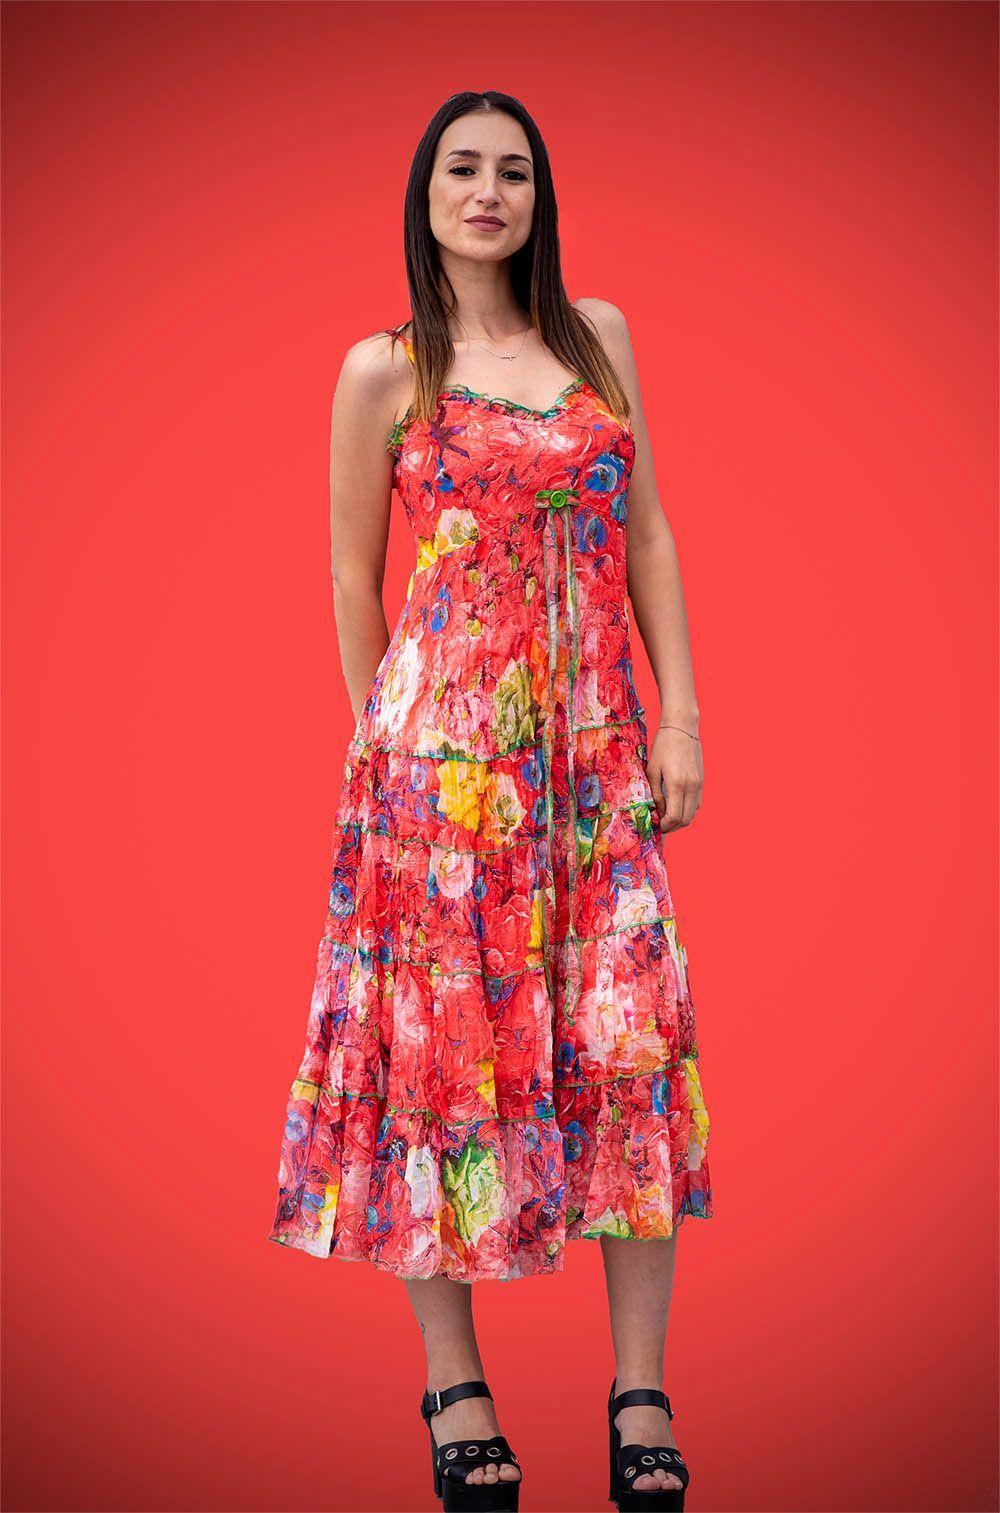 Gasa MujerBanes Midi Vestido De Moda Tienda Ropa L4Rq53Aj